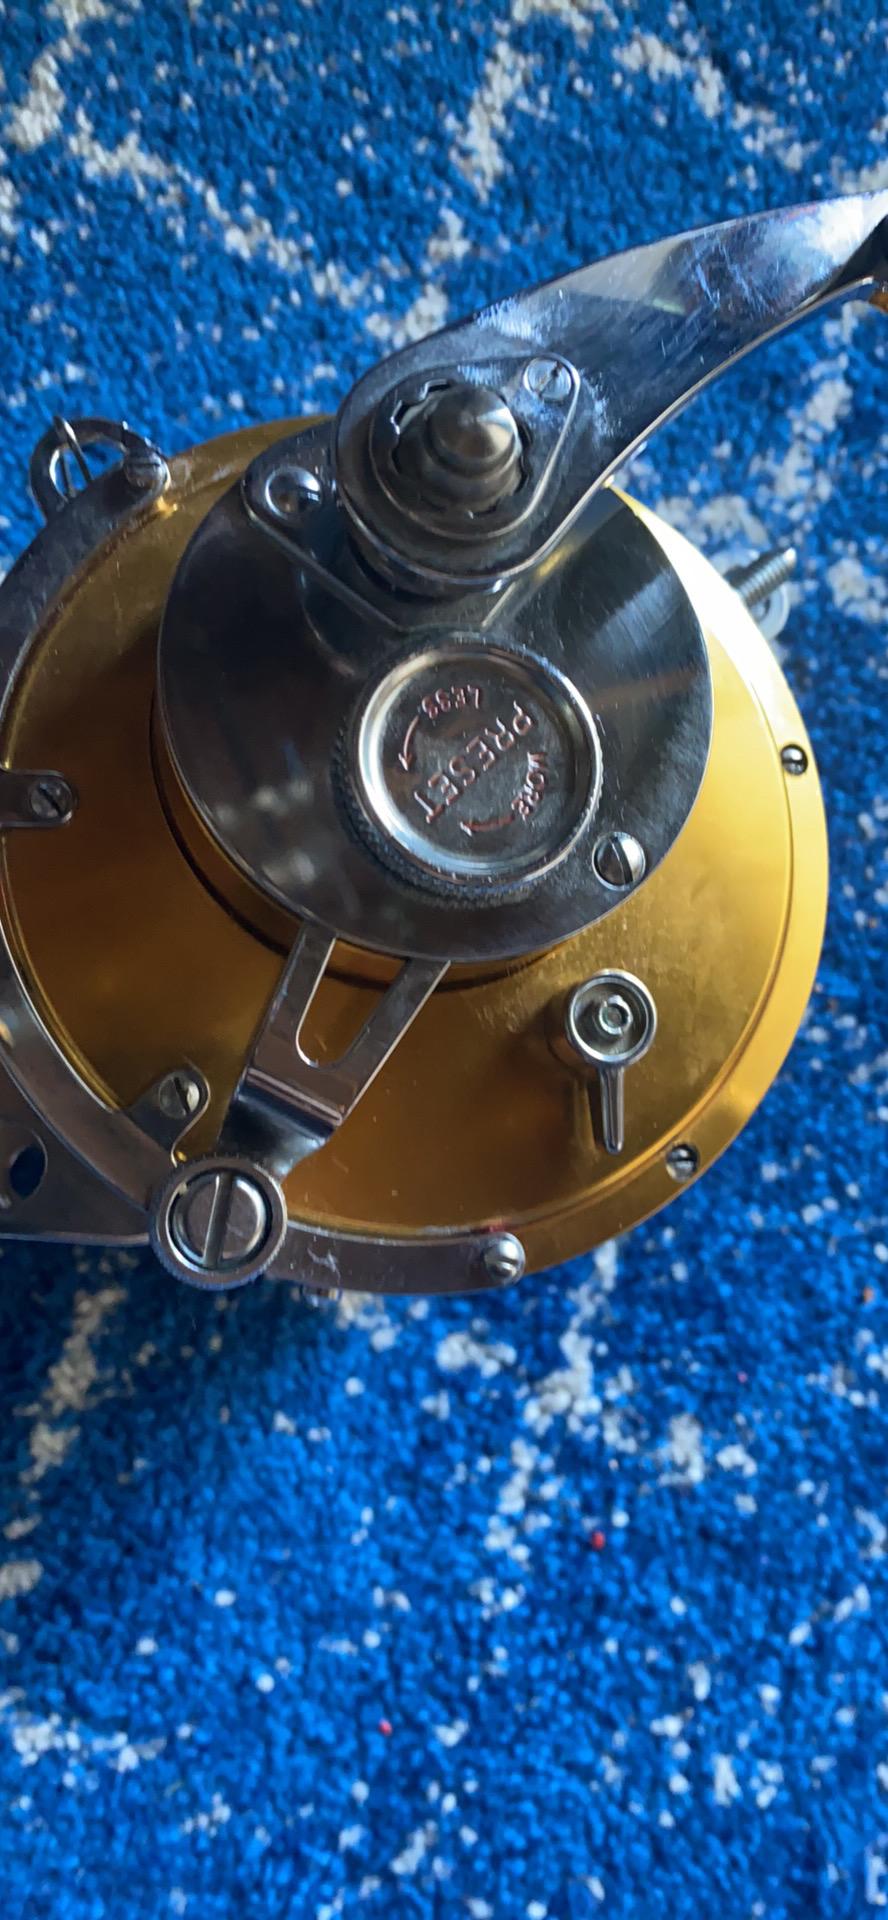 0B212A46-F3A6-47DD-B183-8D6D7FD01317.jpeg